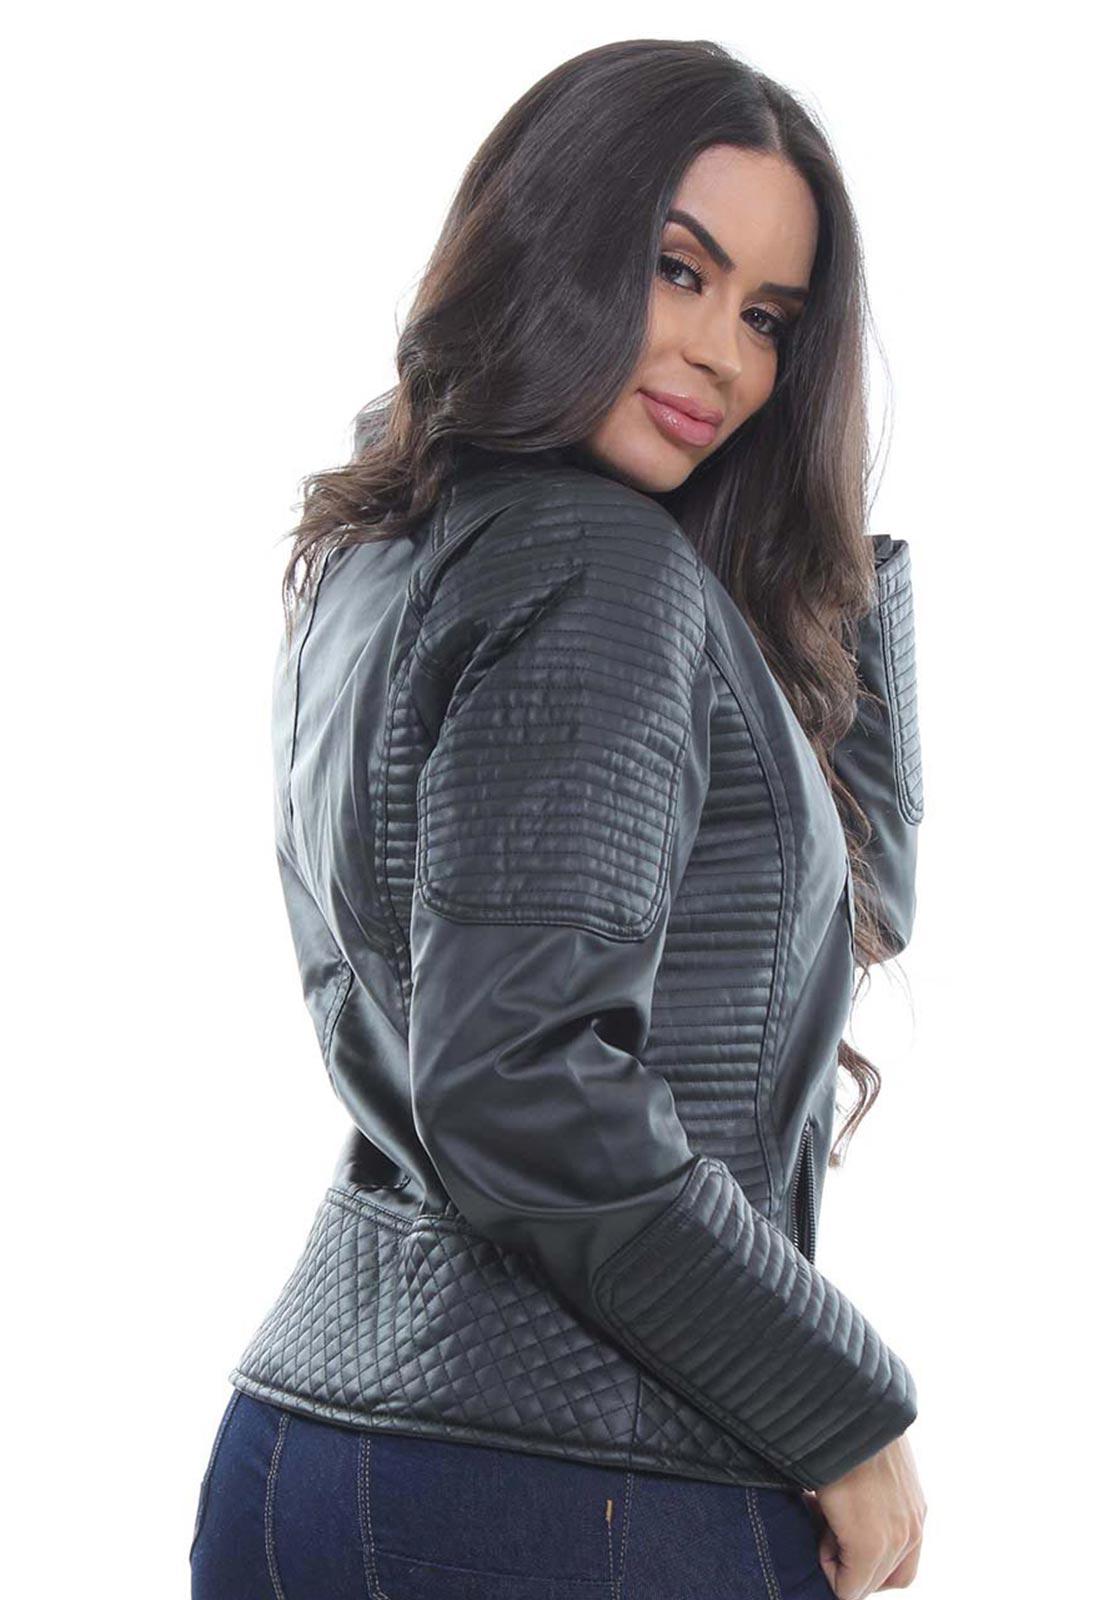 Jaqueta Feminina Crocker - 47444  - CROCKER JEANS